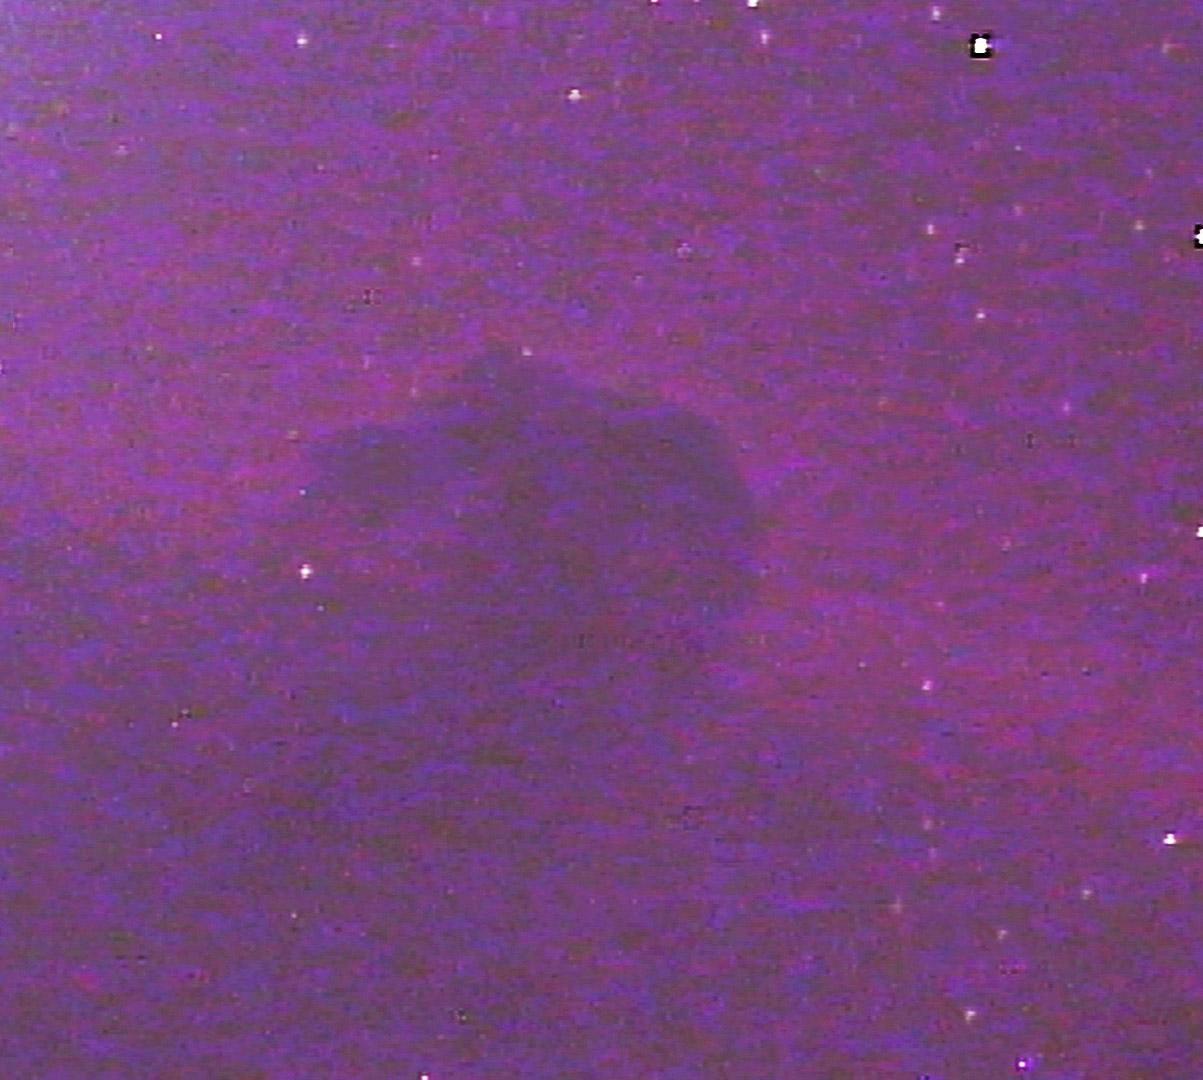 Nebulosas da Constelação de Orion 28rfm6h